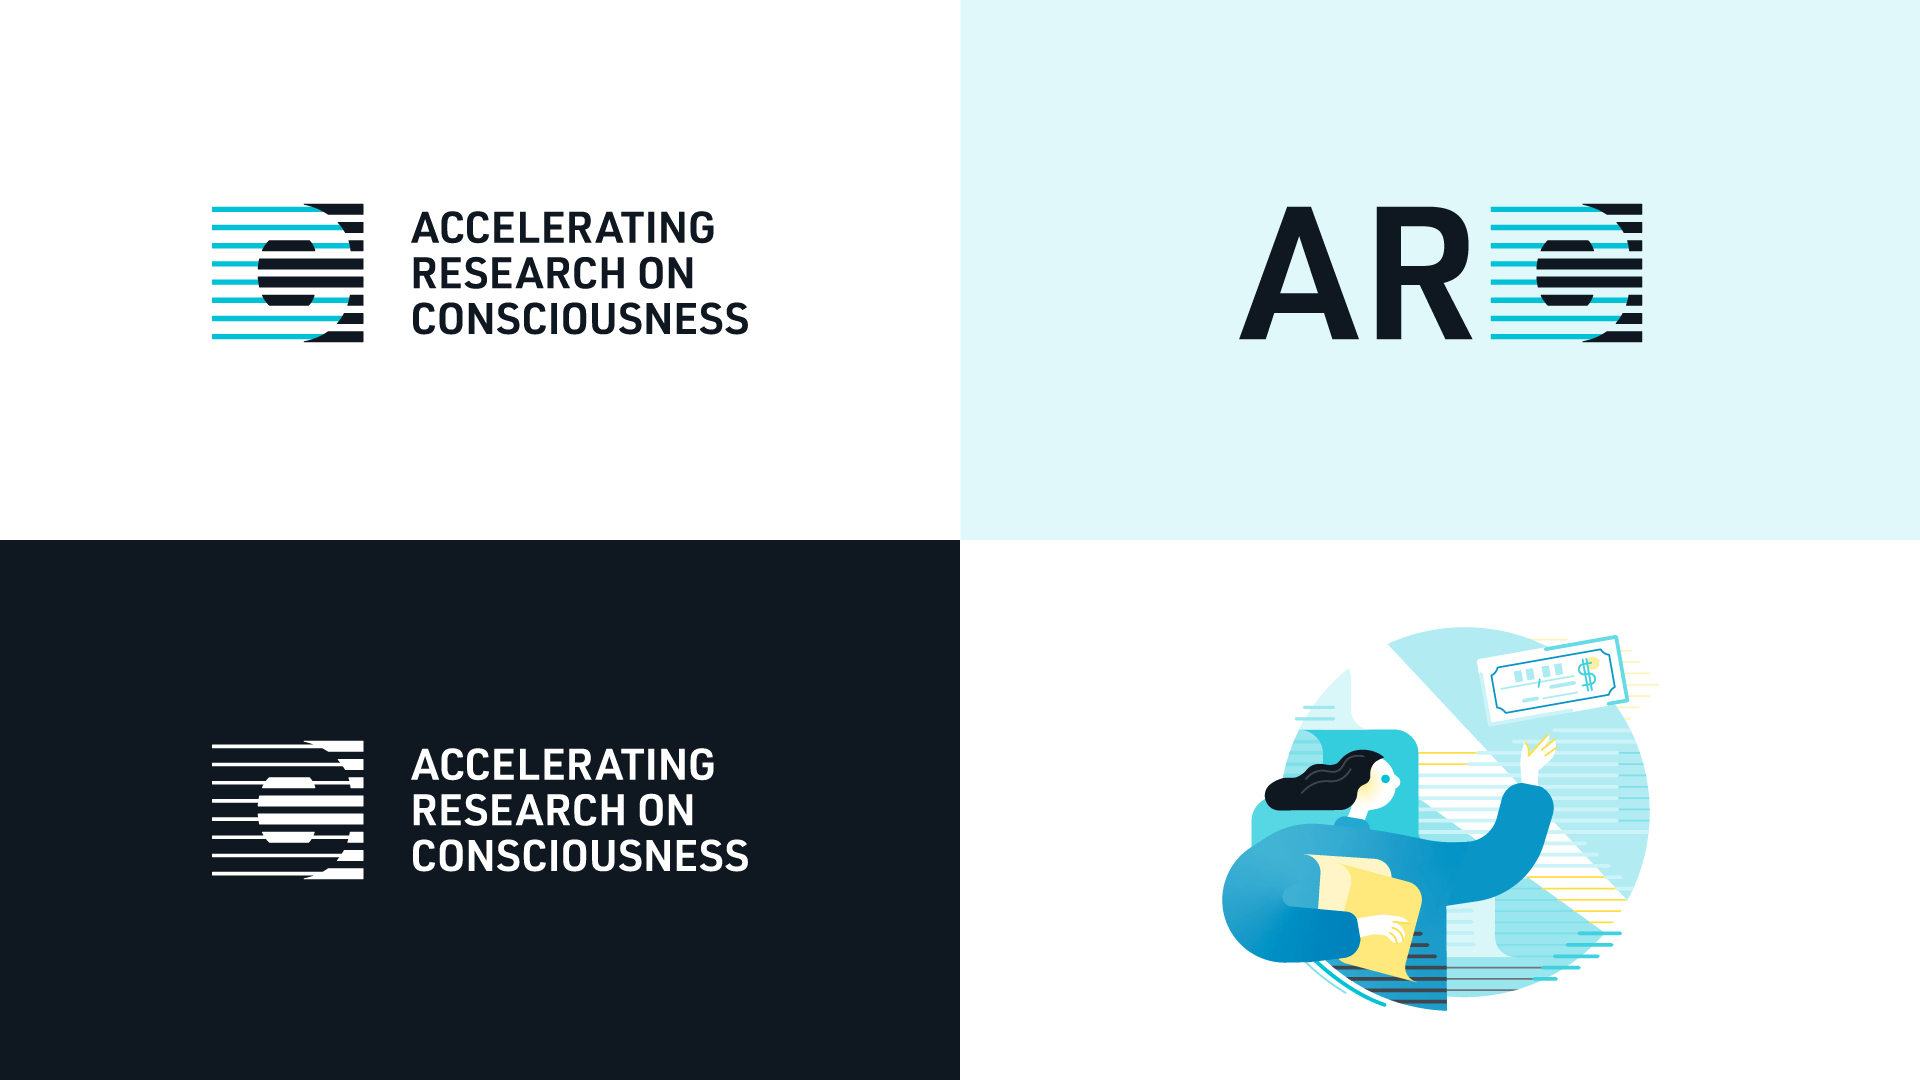 kurzgesagt_arc_brandidentity_design-3